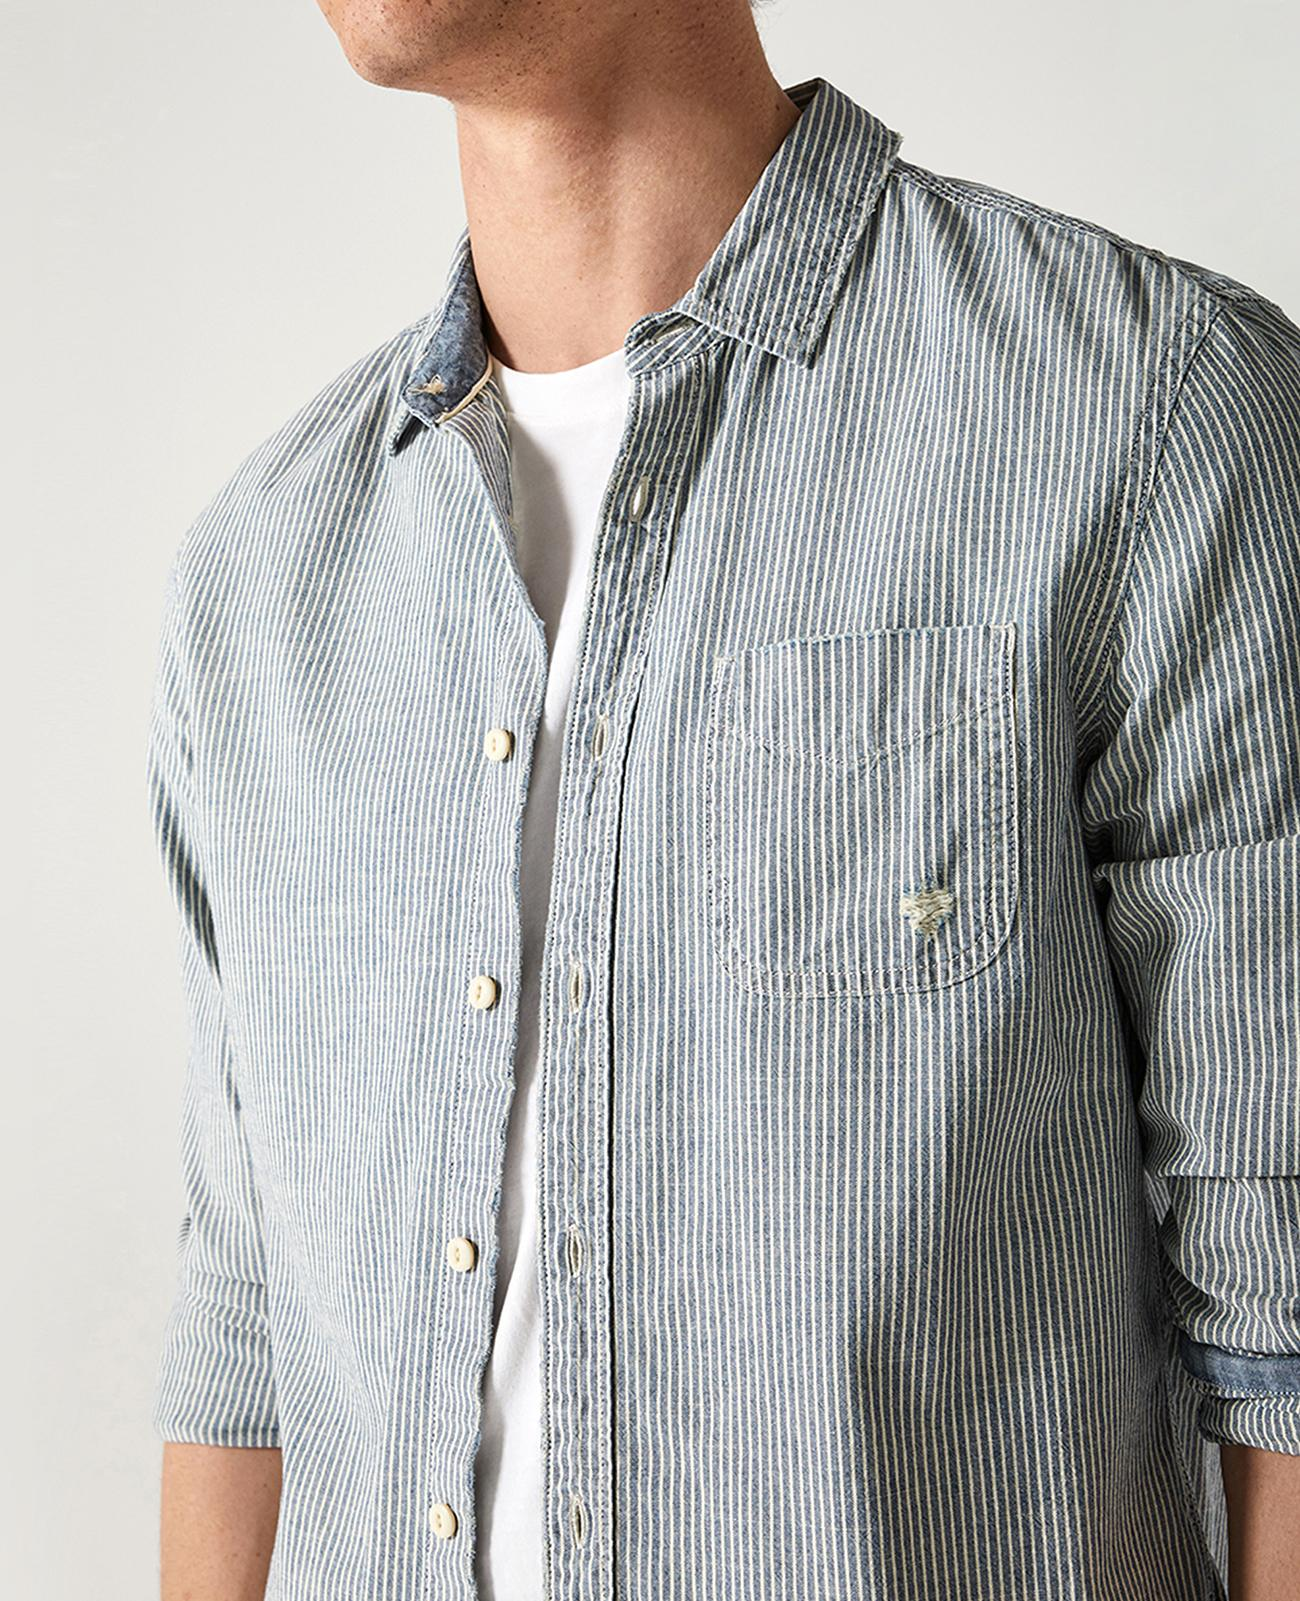 The Nelson Shirt